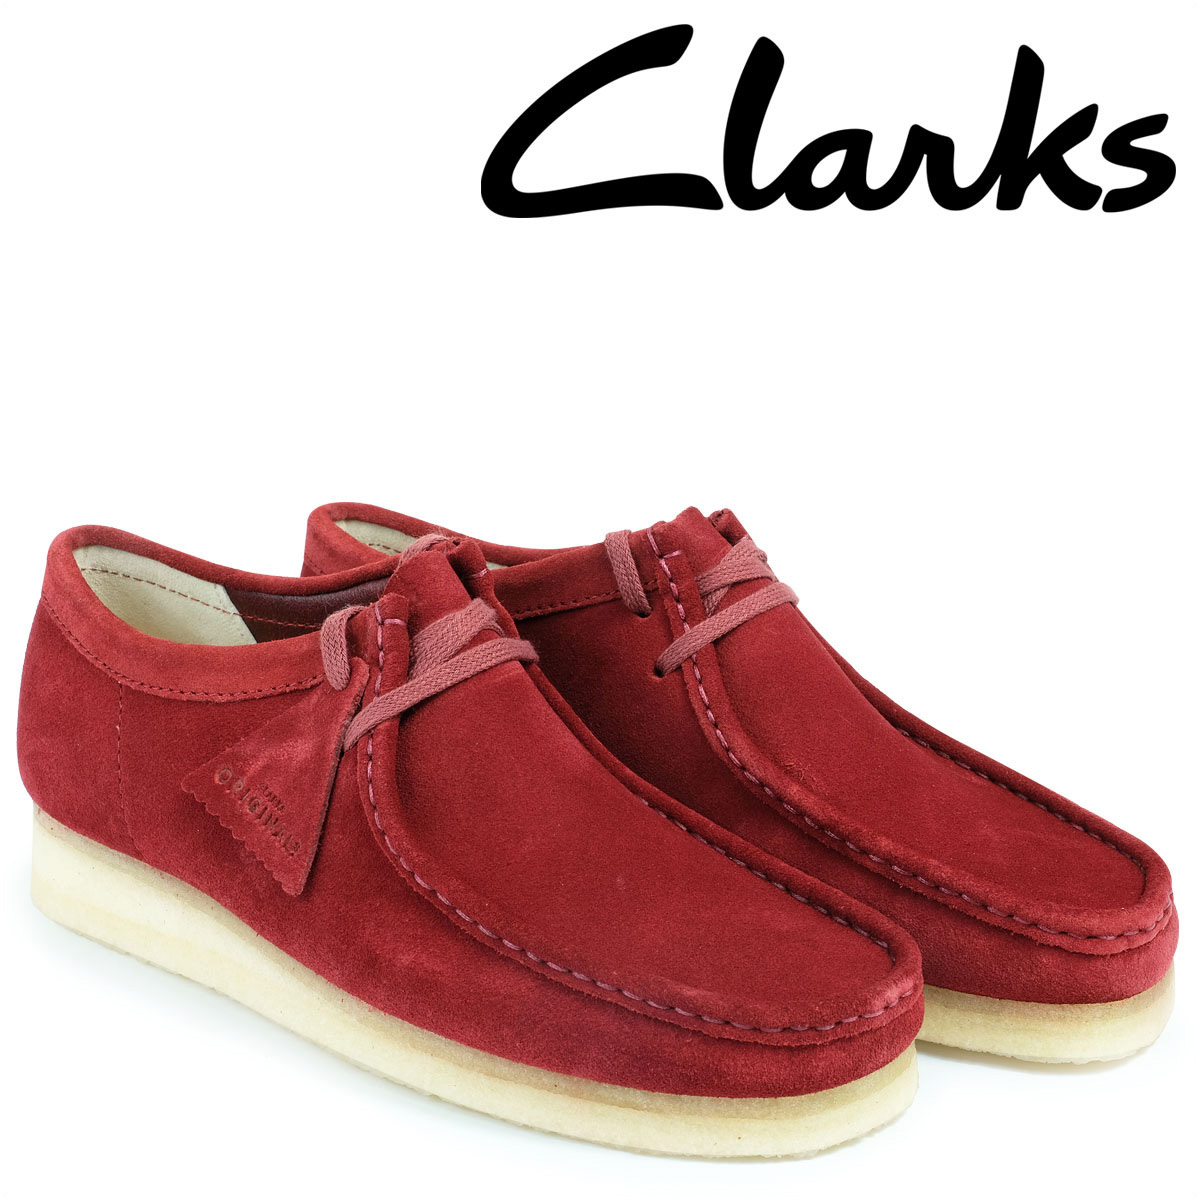 【最大2000円OFFクーポン】 クラークス ワラビー ブーツ メンズ Clarks WALLABEE 26128365 レッド